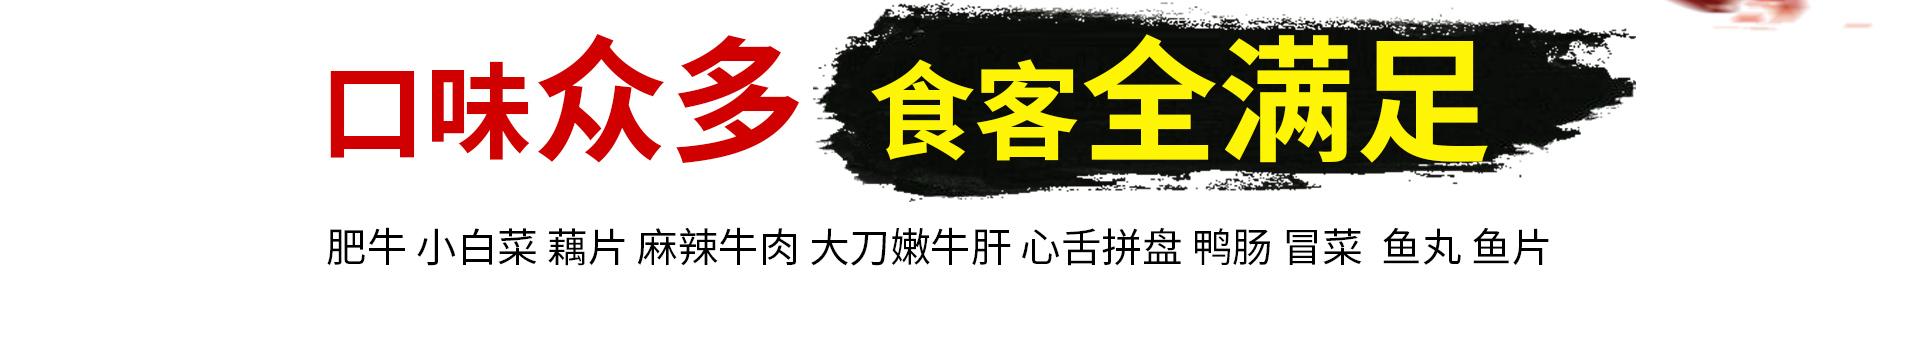 宽窄巷子火锅kzxz_22